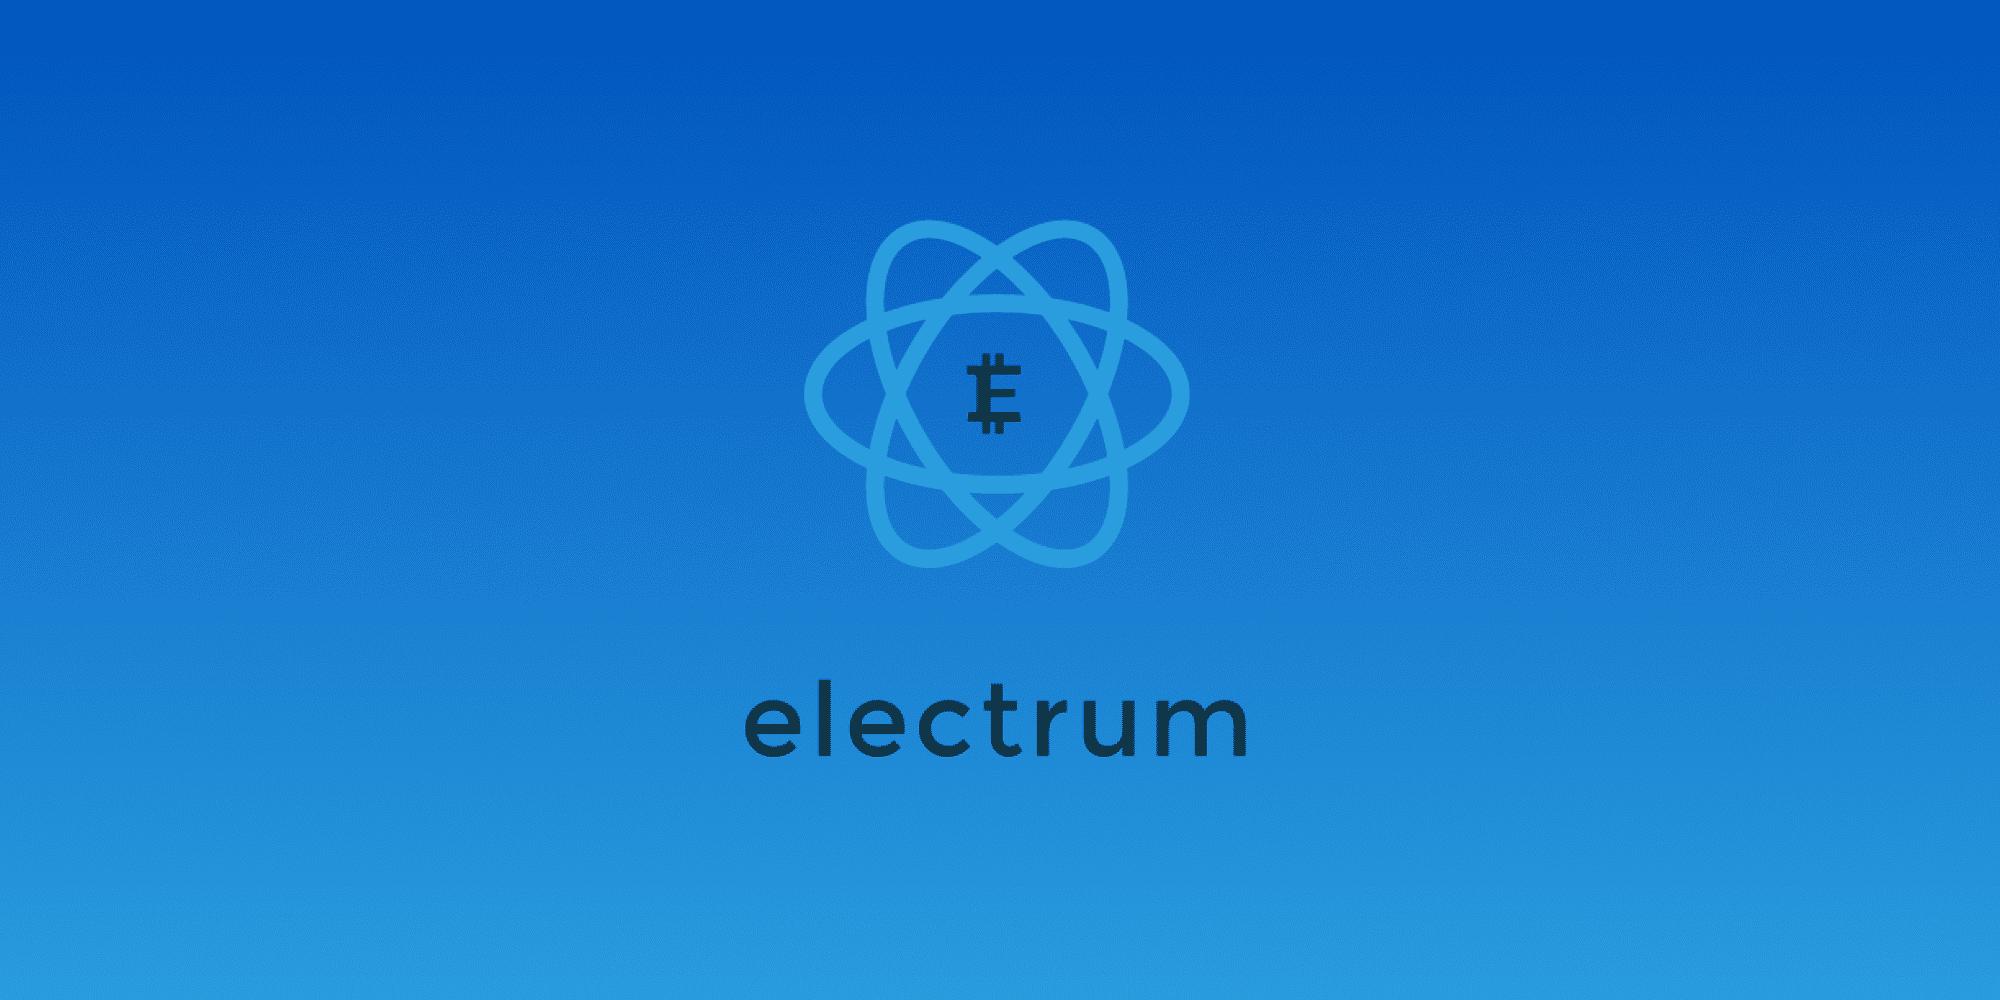 Electrum: 1400 bitcoin (BTC) stolen